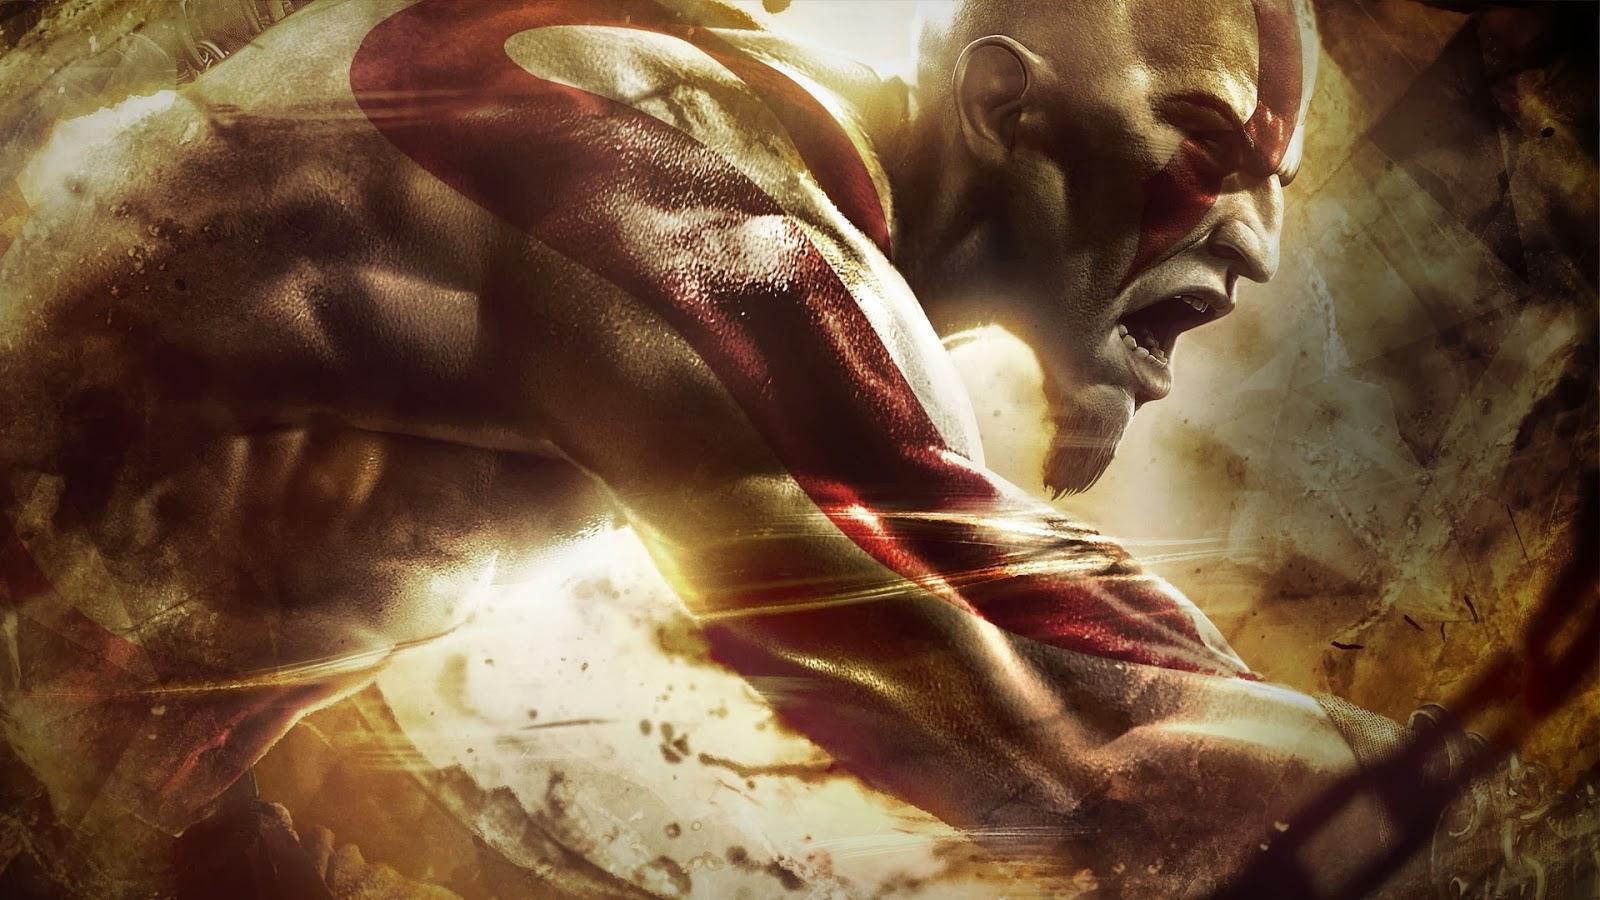 Sony anuncia God of War Collection e Sly Collection para PS Vita